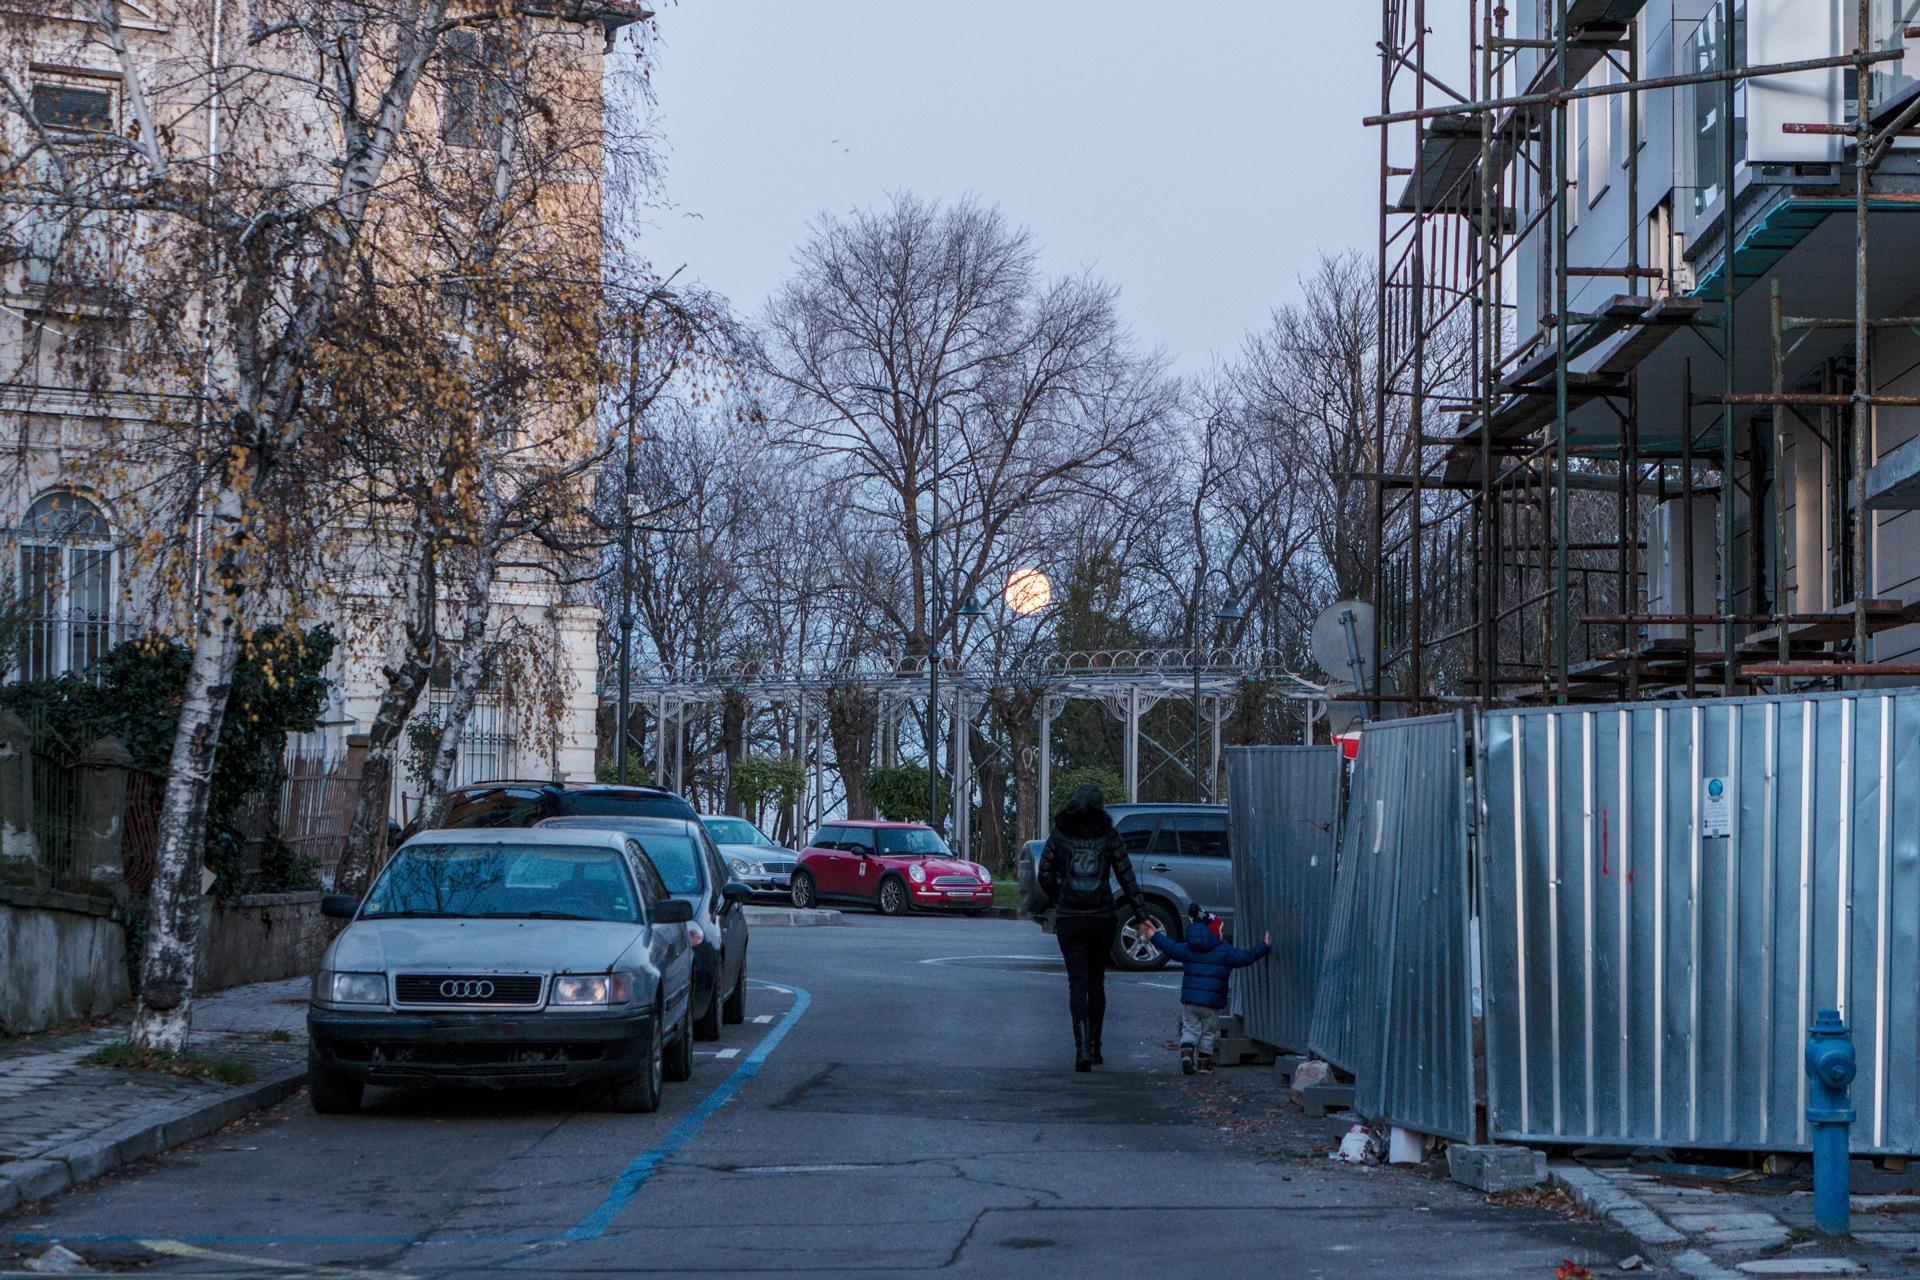 Evening in city by Venelin Todorov